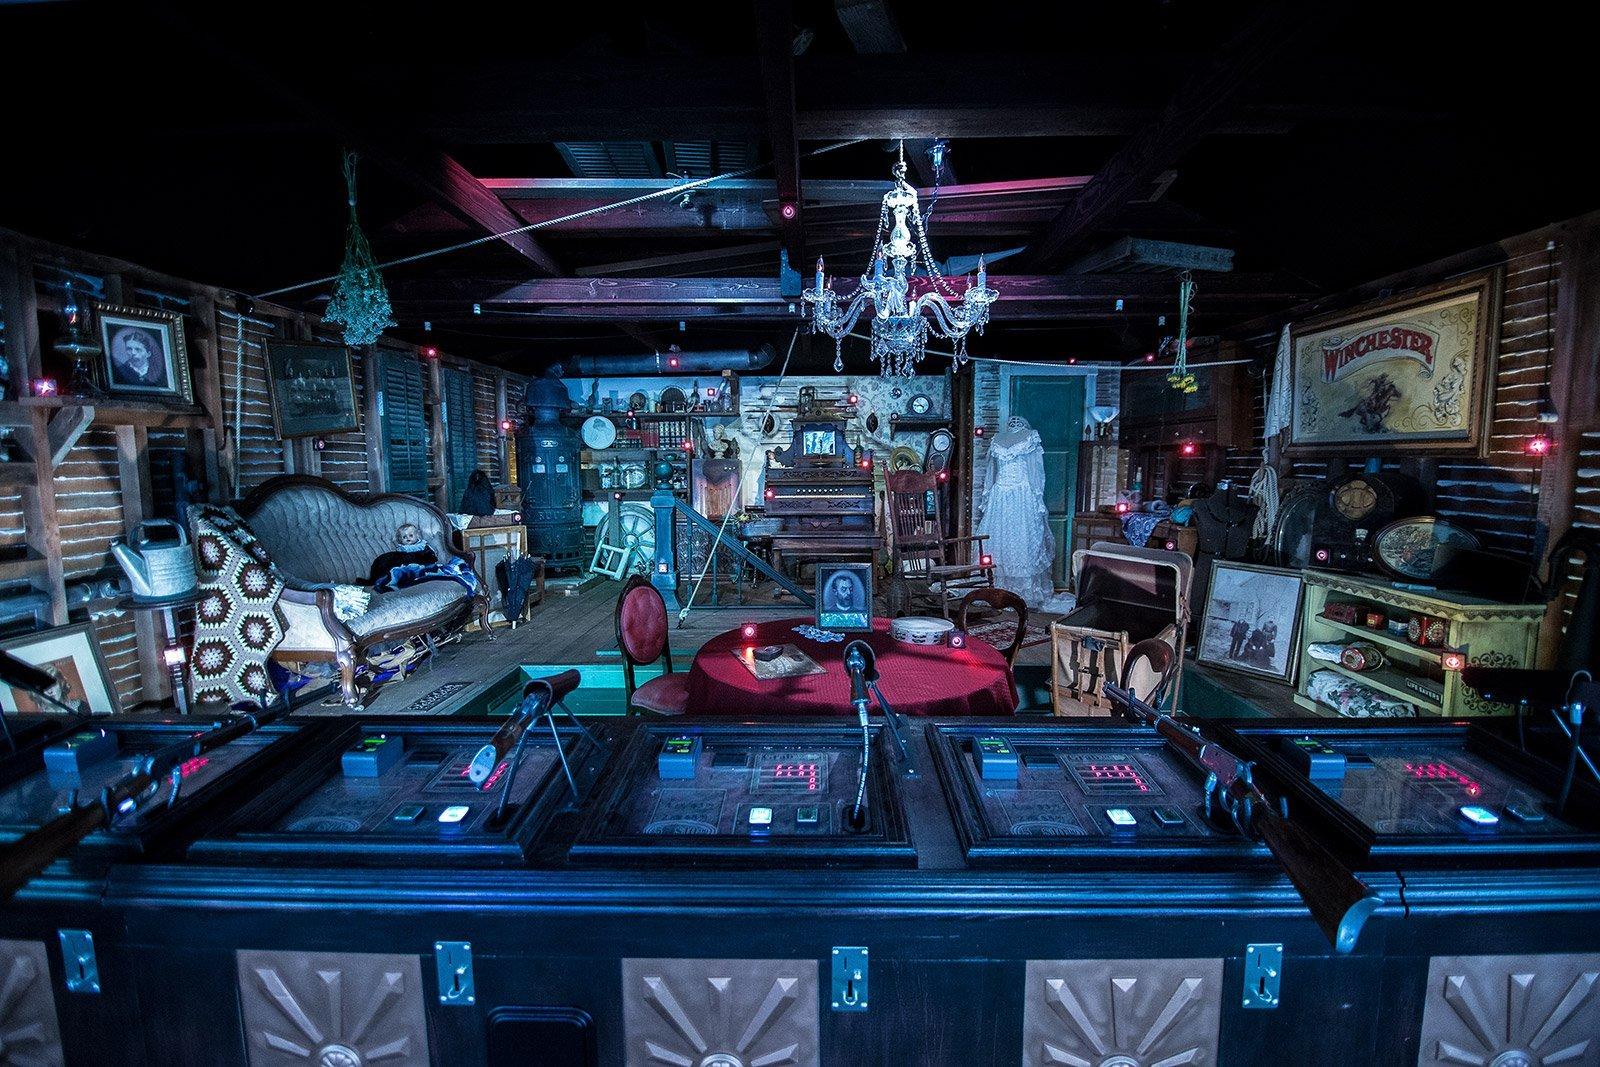 Salon de Tiro, descubierto en la casa y trasladado a un espacio exterior de la finca